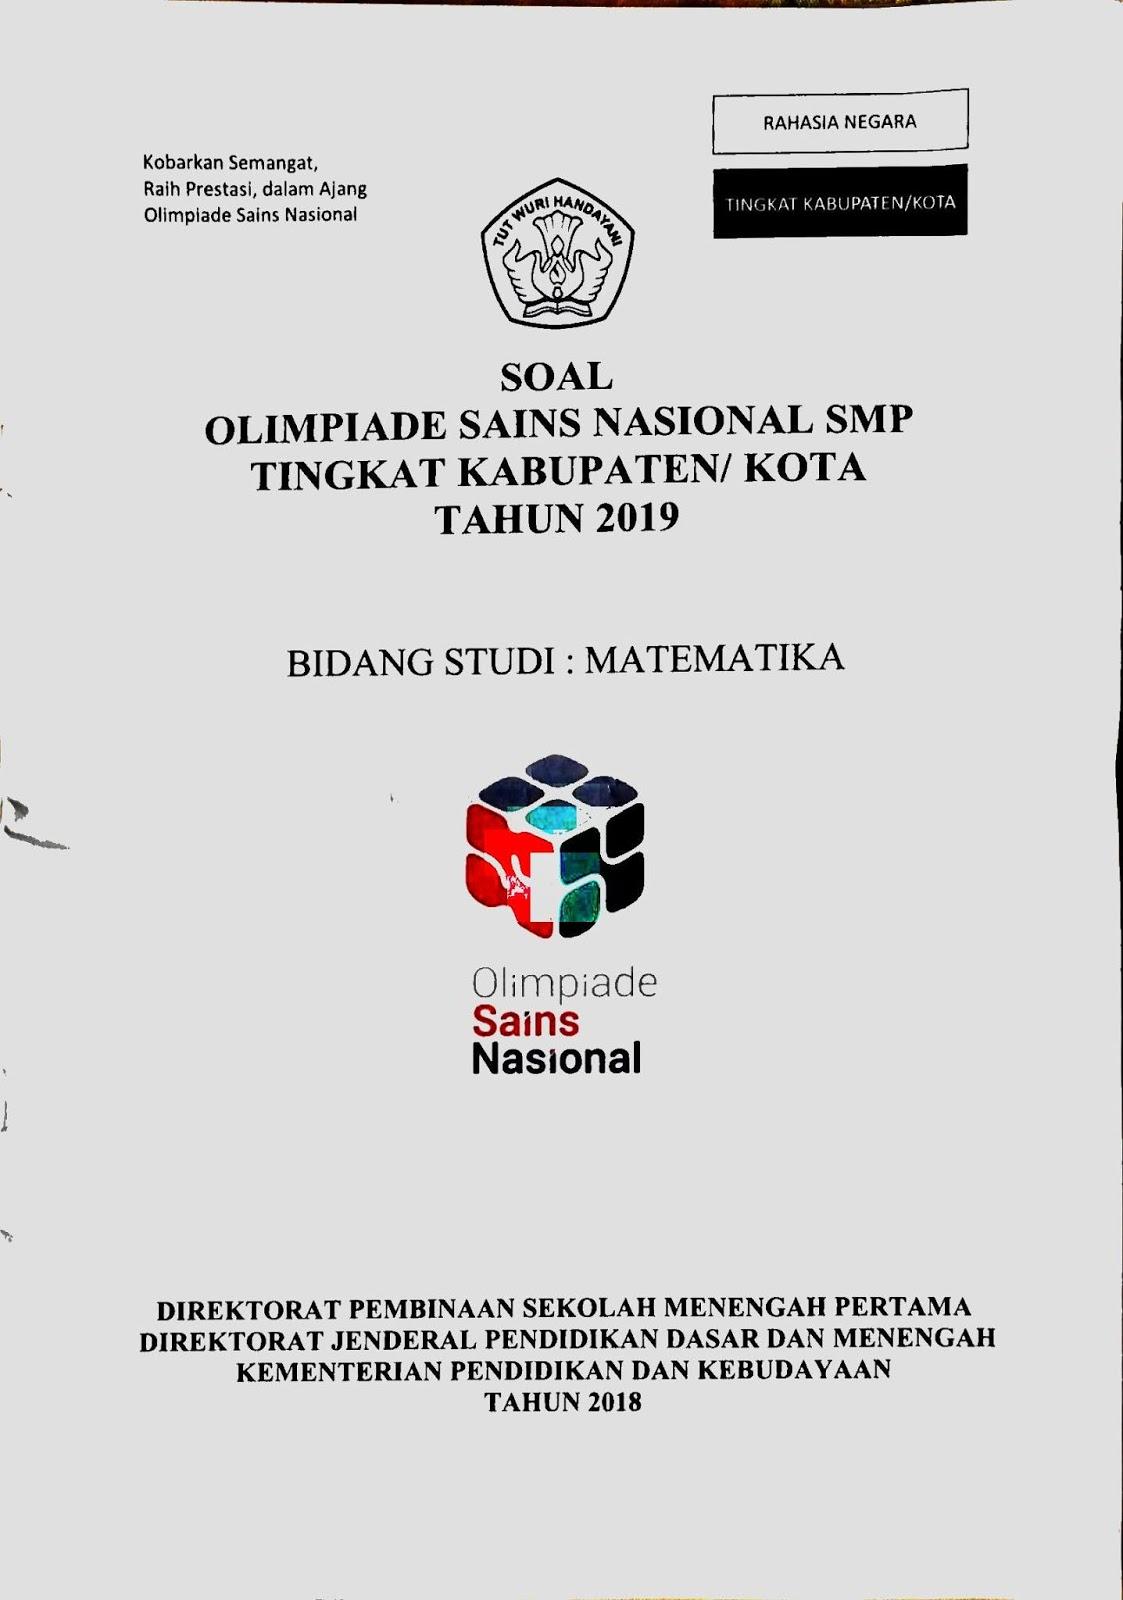 Contoh Soal Olimpiade Matematika Smp 2019 Kumpulan Soal Pelajaran 8